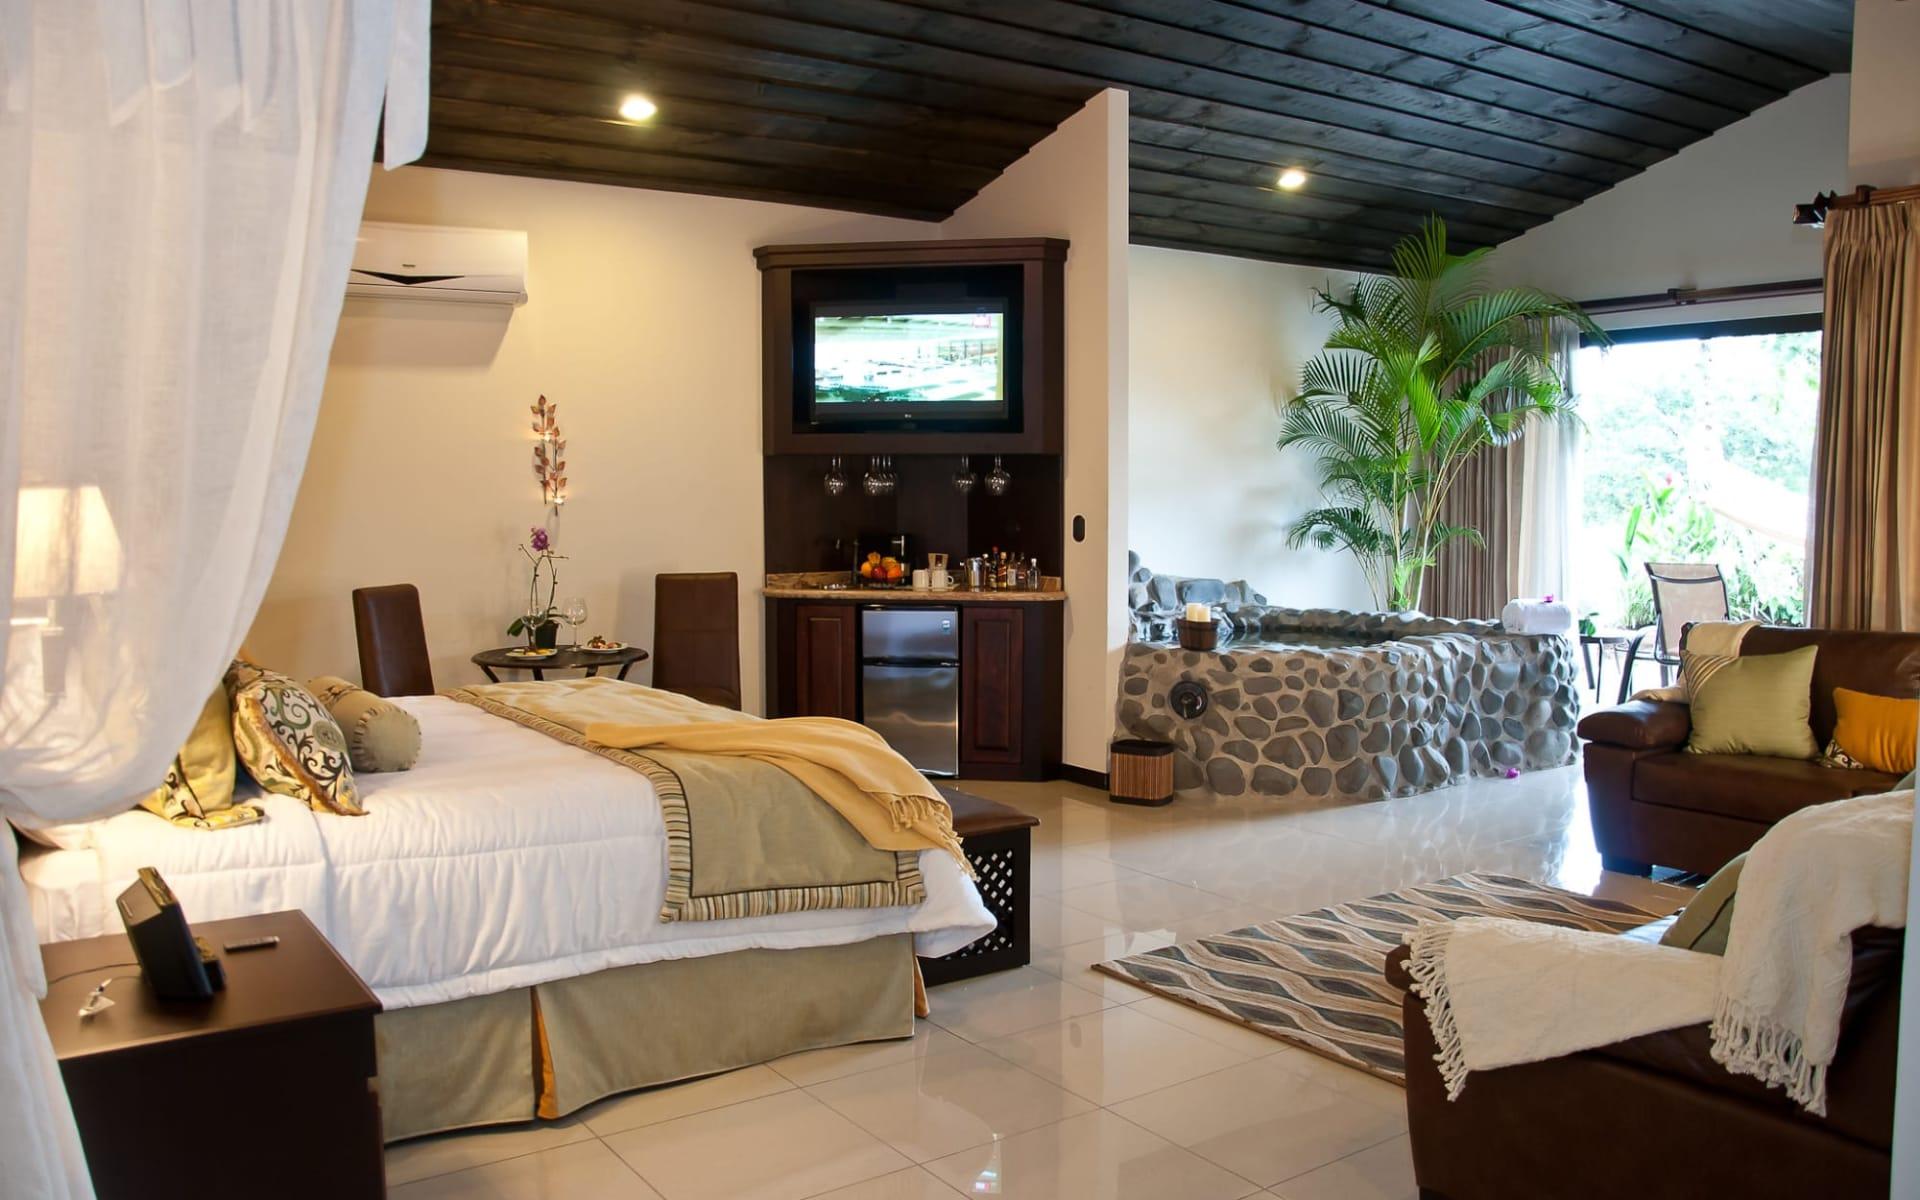 Arenal Springs Resort & Spa in La Fortuna:  Arenal Springs Master Suite